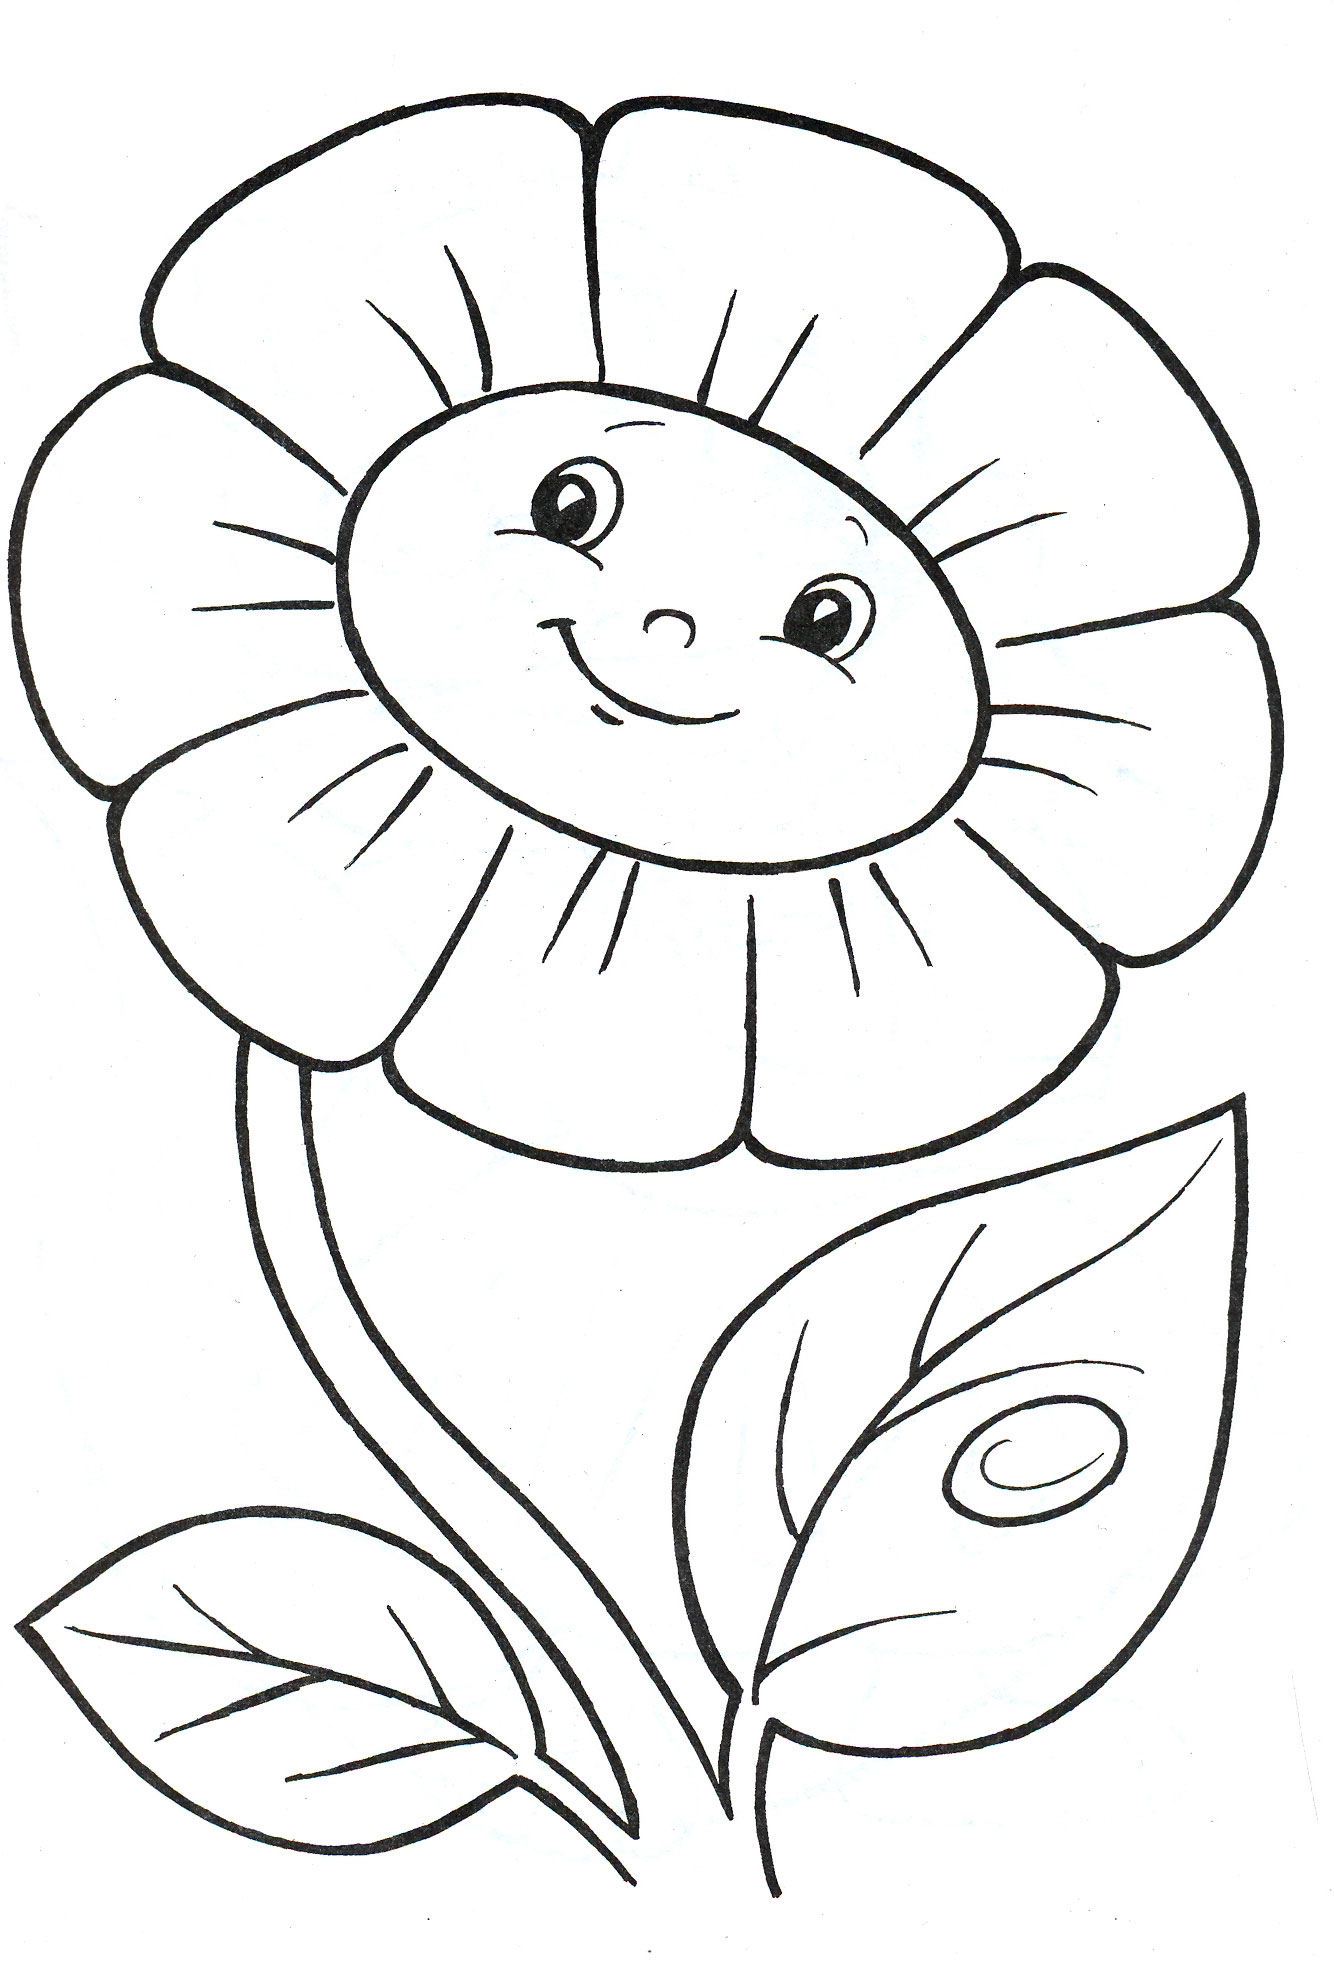 Раскраски для девочек 3, 4 года - детские раскраски ...